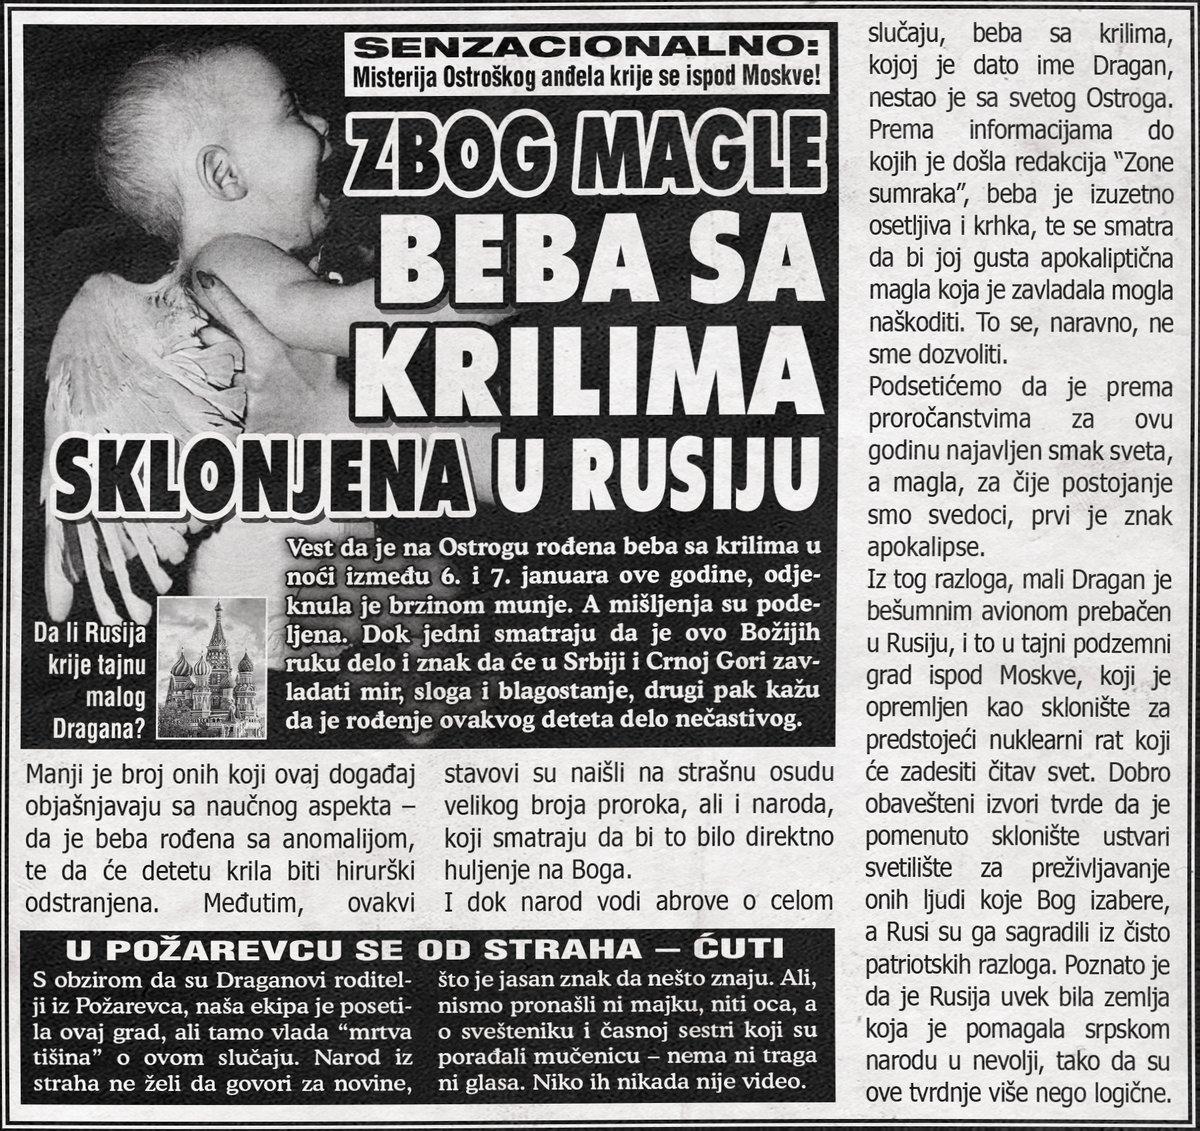 Beba sa krilima sklonjena u Rusiju